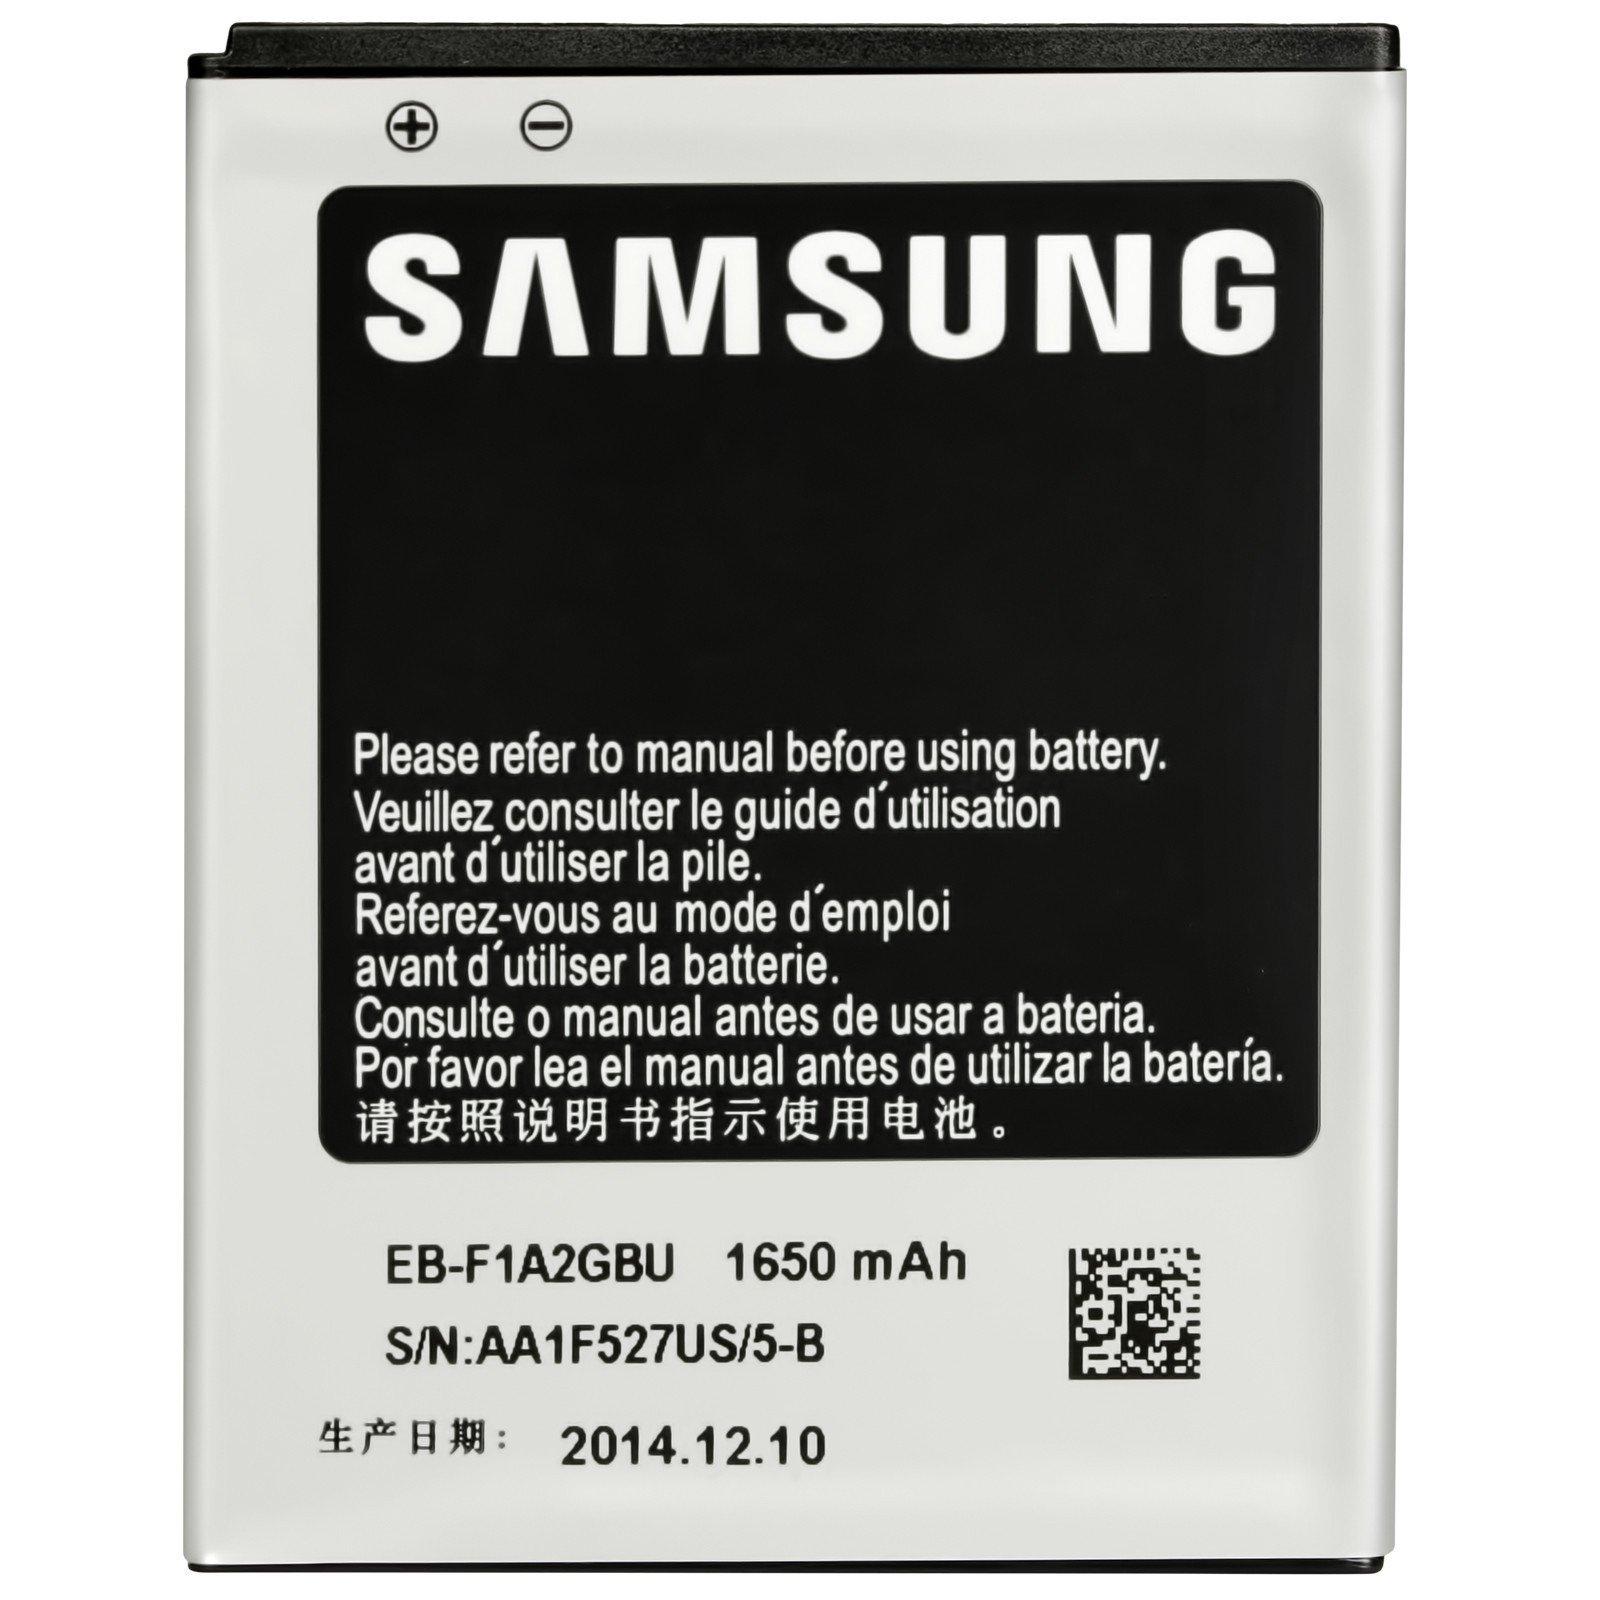 Battery For Samsung Galaxy S2 I9100 Eb F1a2gbu Li Ion Buy Online In El Salvador At Elsalvador Desertcart Com Productid 59205860